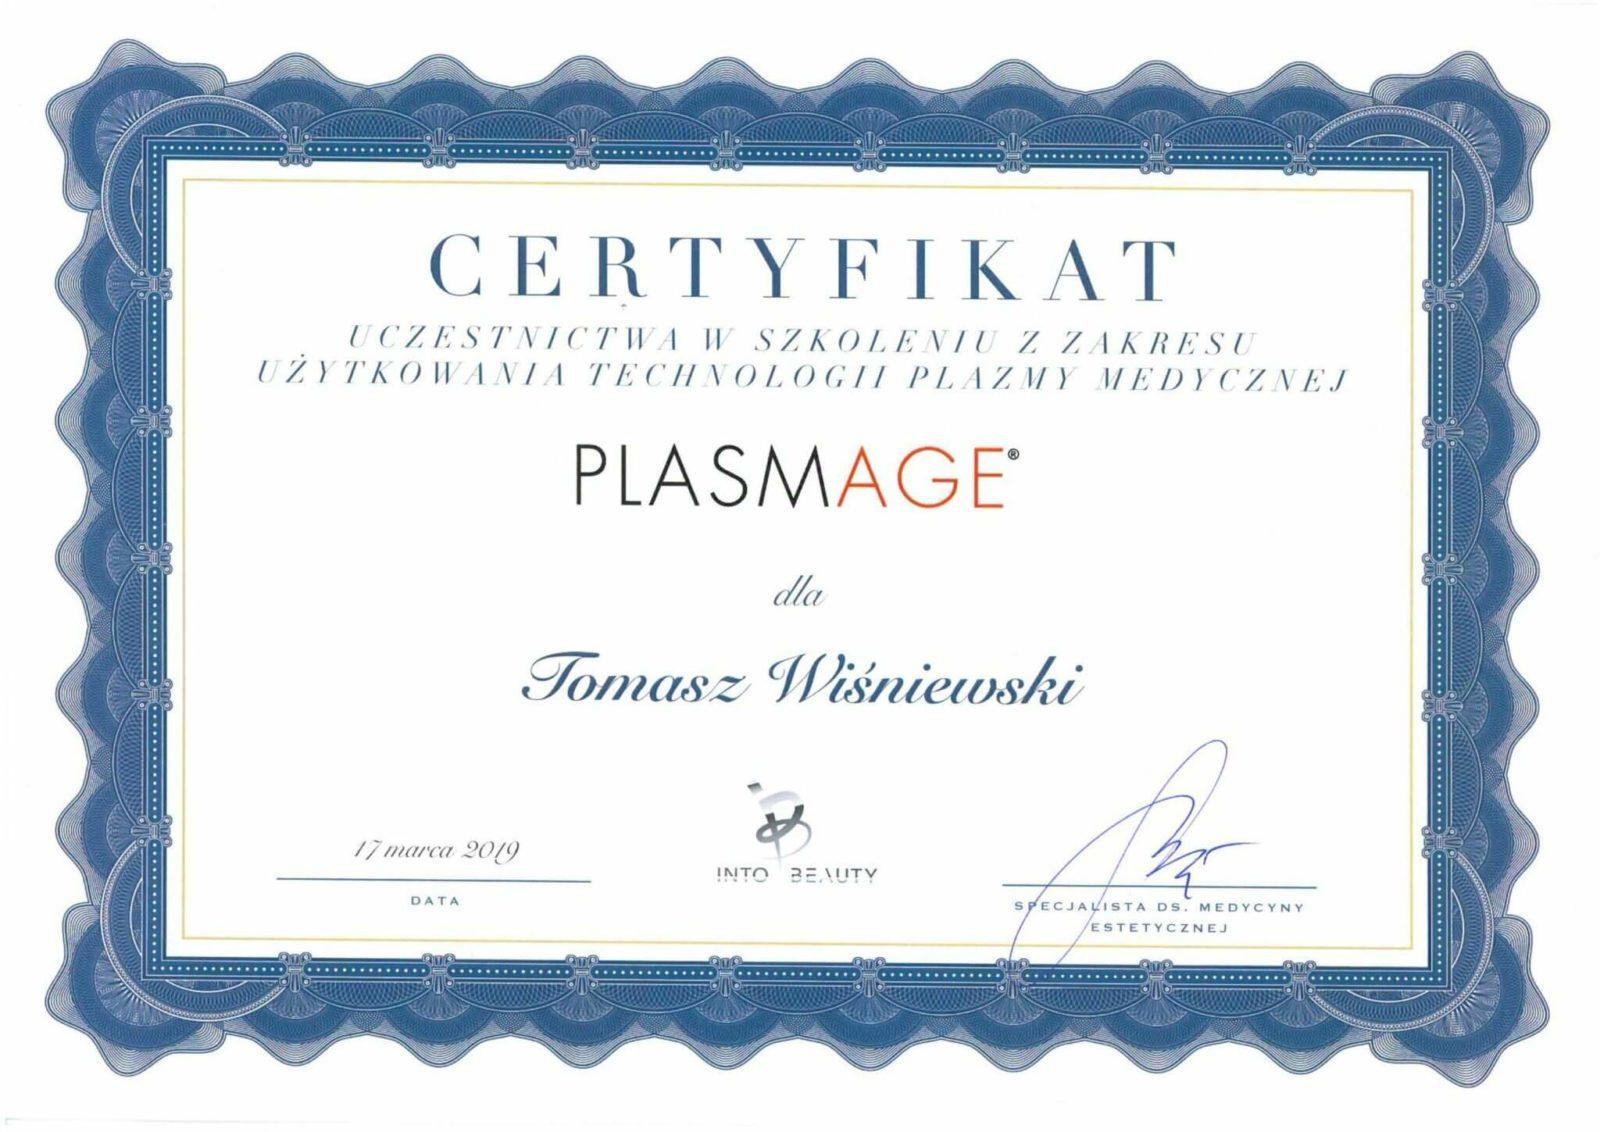 Tomasz Wiśniewski certyfikat